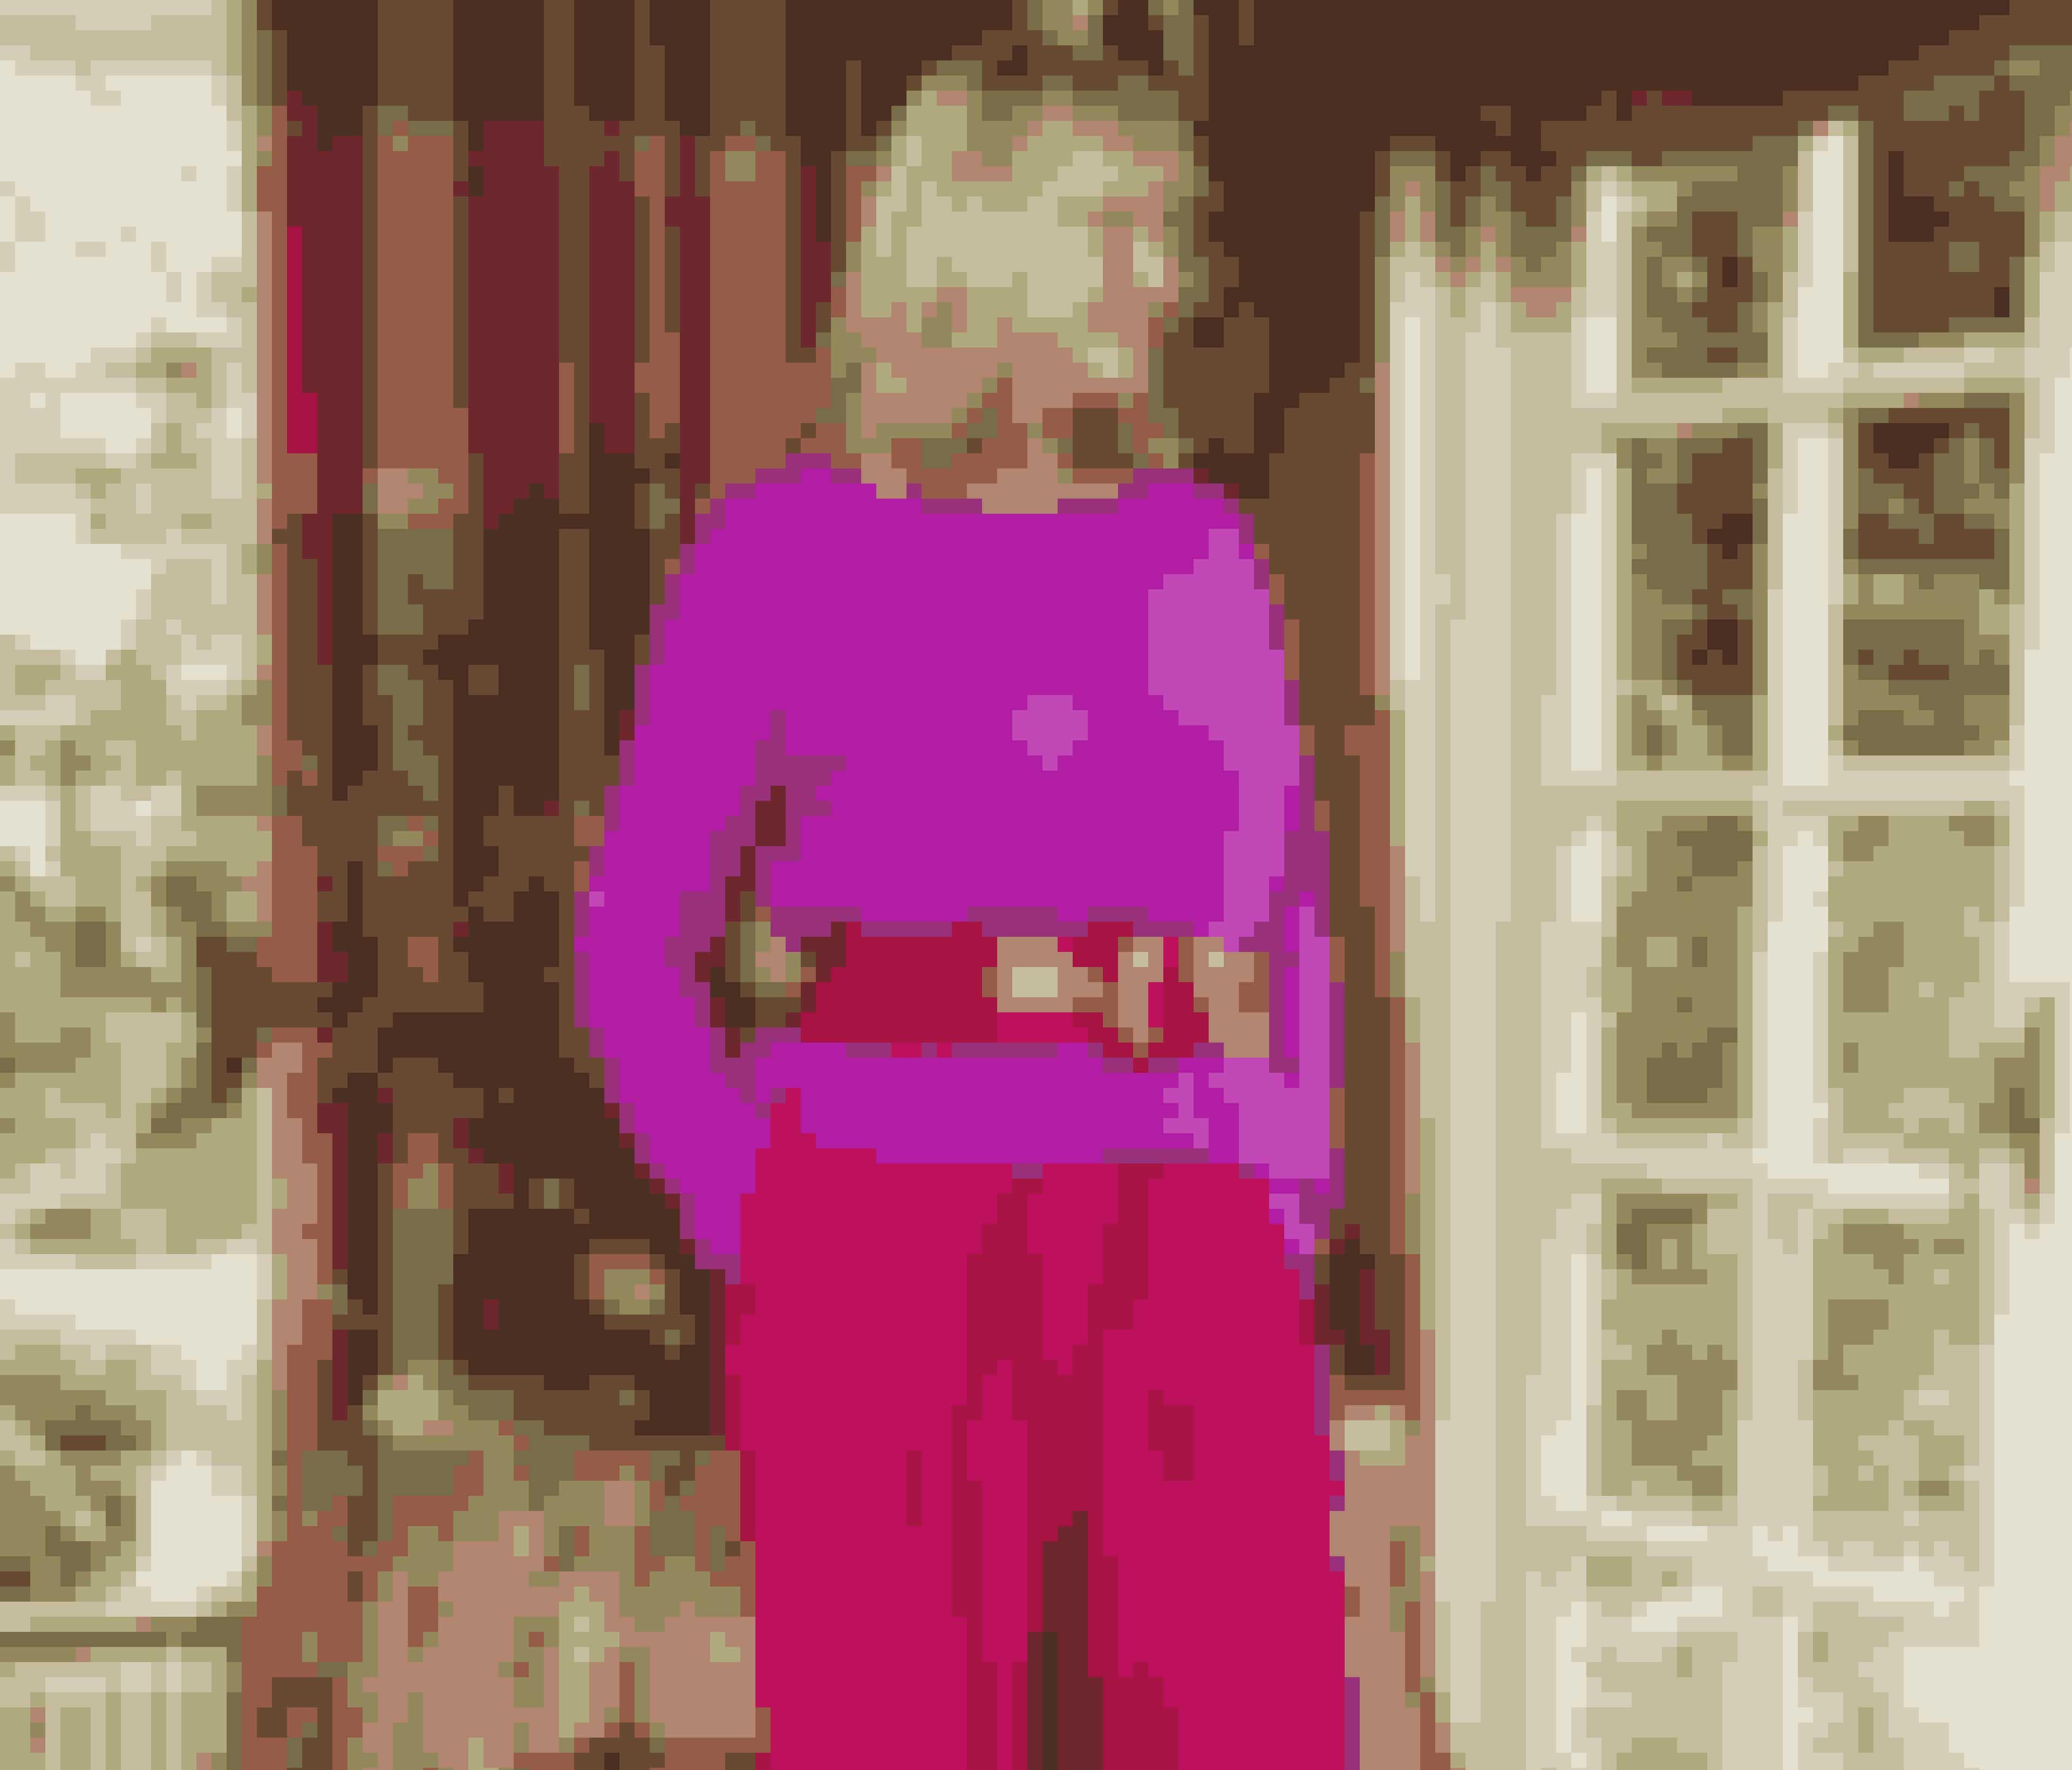 – Jeg elsker farverige sammensætninger. Pink med orange eller rødt. Marine med irgrønt. Gult eller guld med sort. Turkis med lilla, rosa eller lavendel, siger Lotte Freddie, der får mange komplimenter for de pink bukser fra 2nd Day.